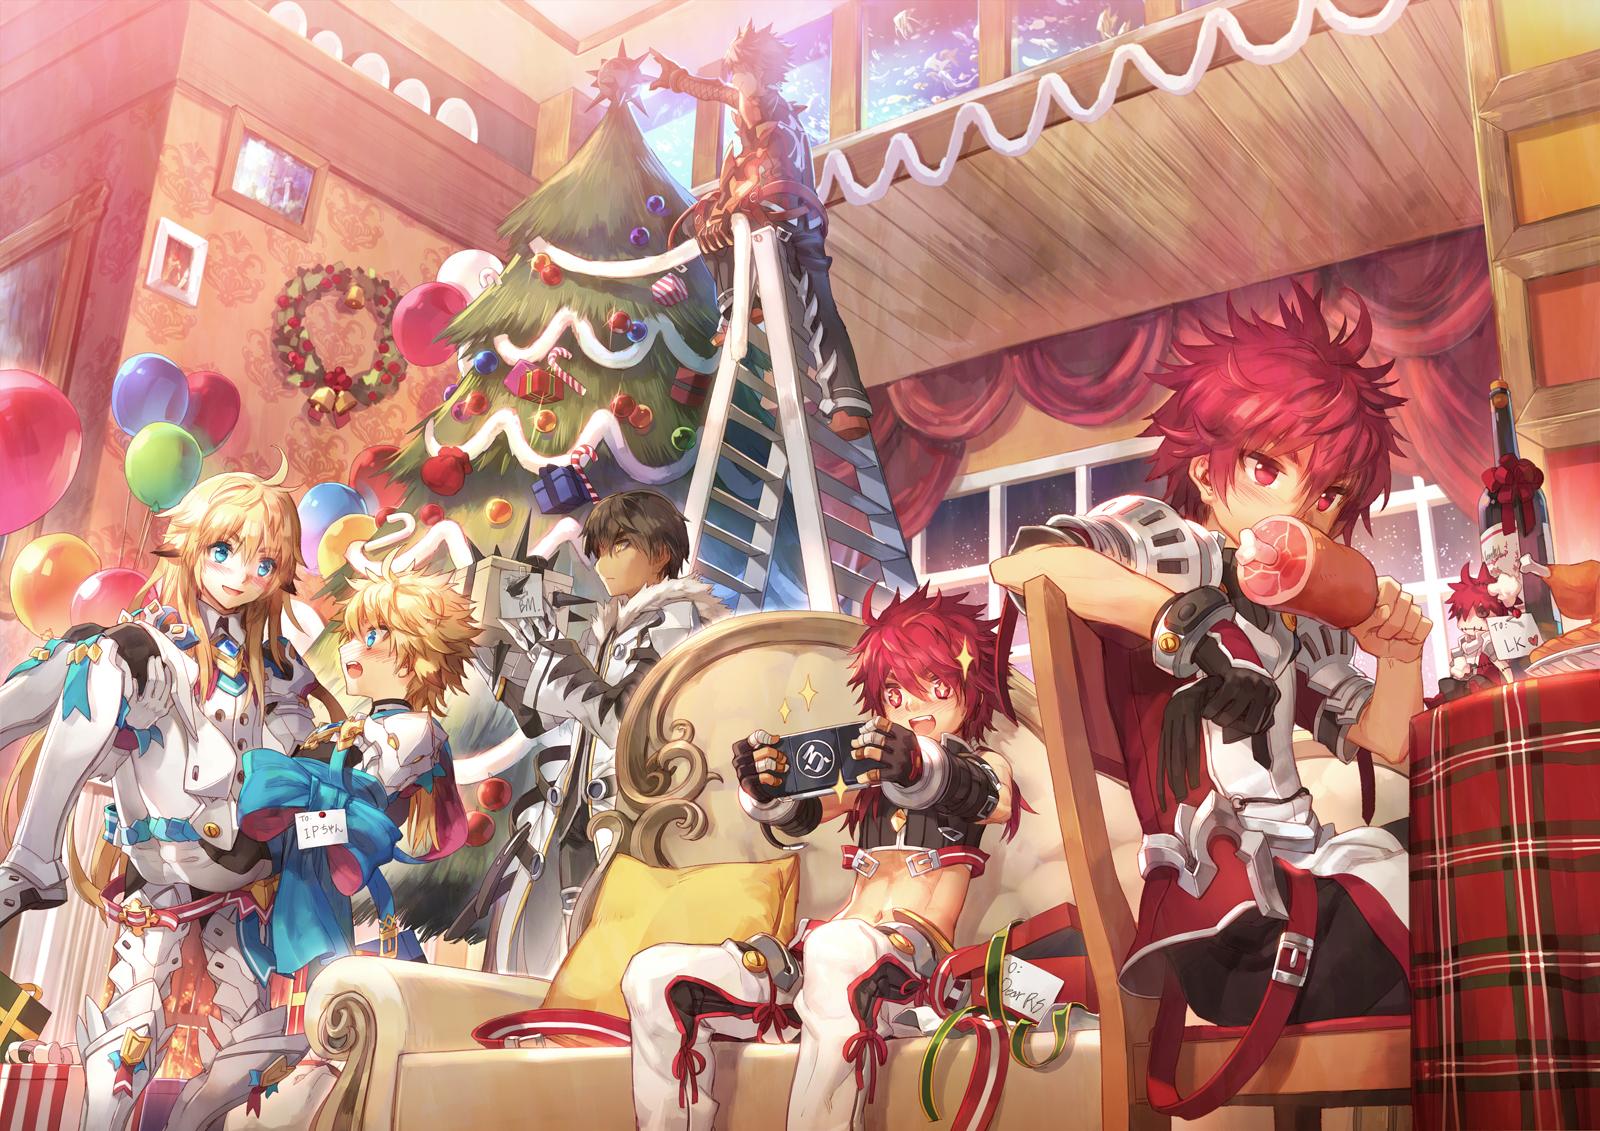 elsword christmas g wallpaper background 1600x1131